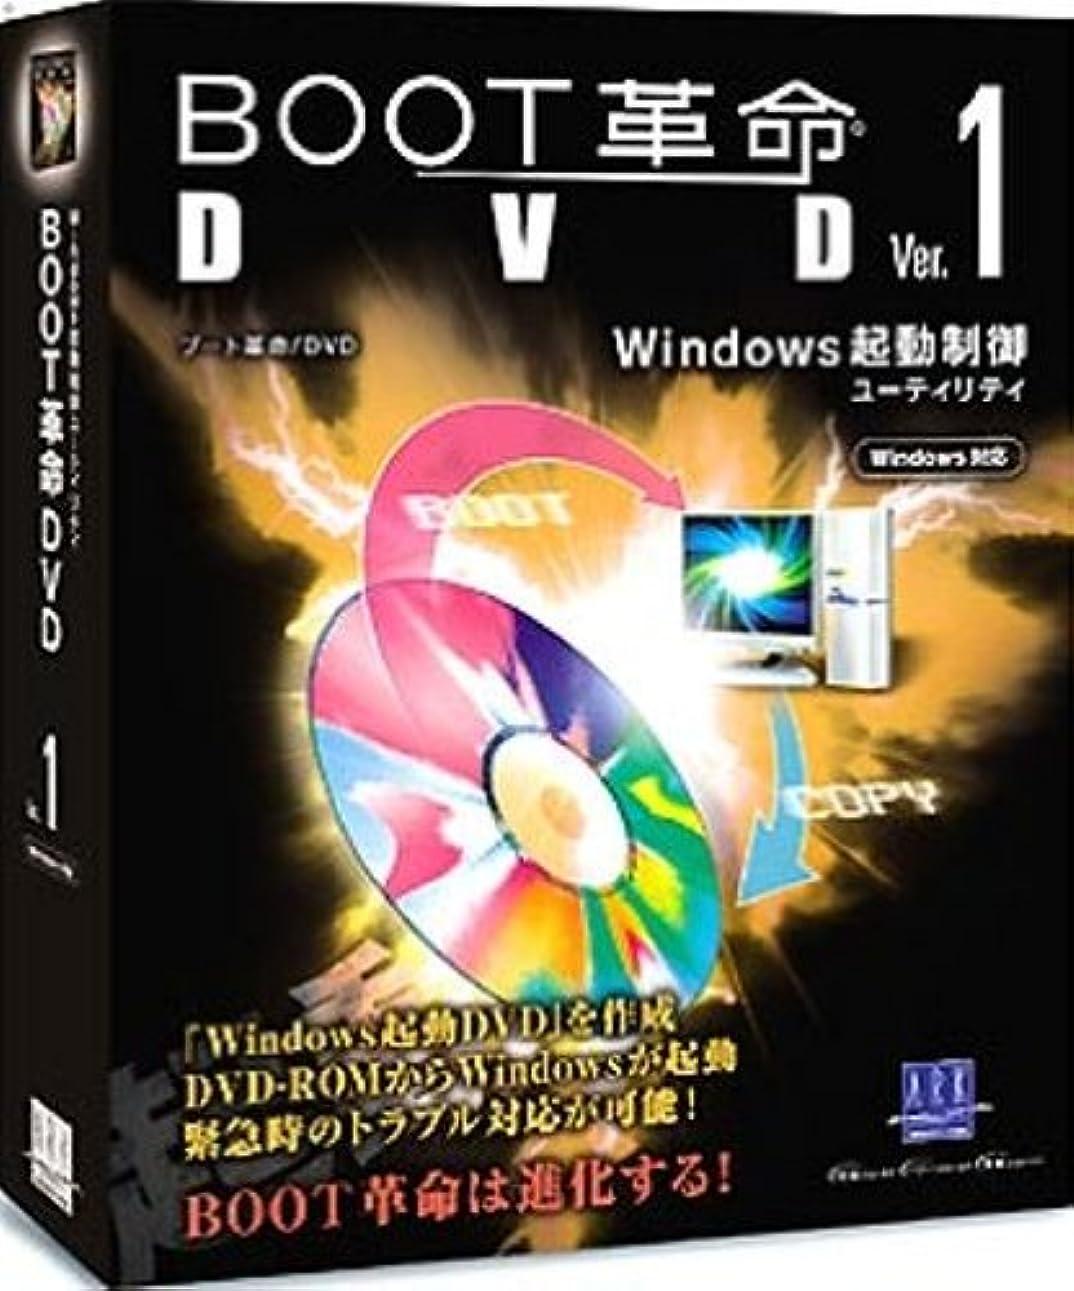 照らすうぬぼれ汚染されたBOOT革命/DVD Ver.1 ライセンスパック10ユーザー